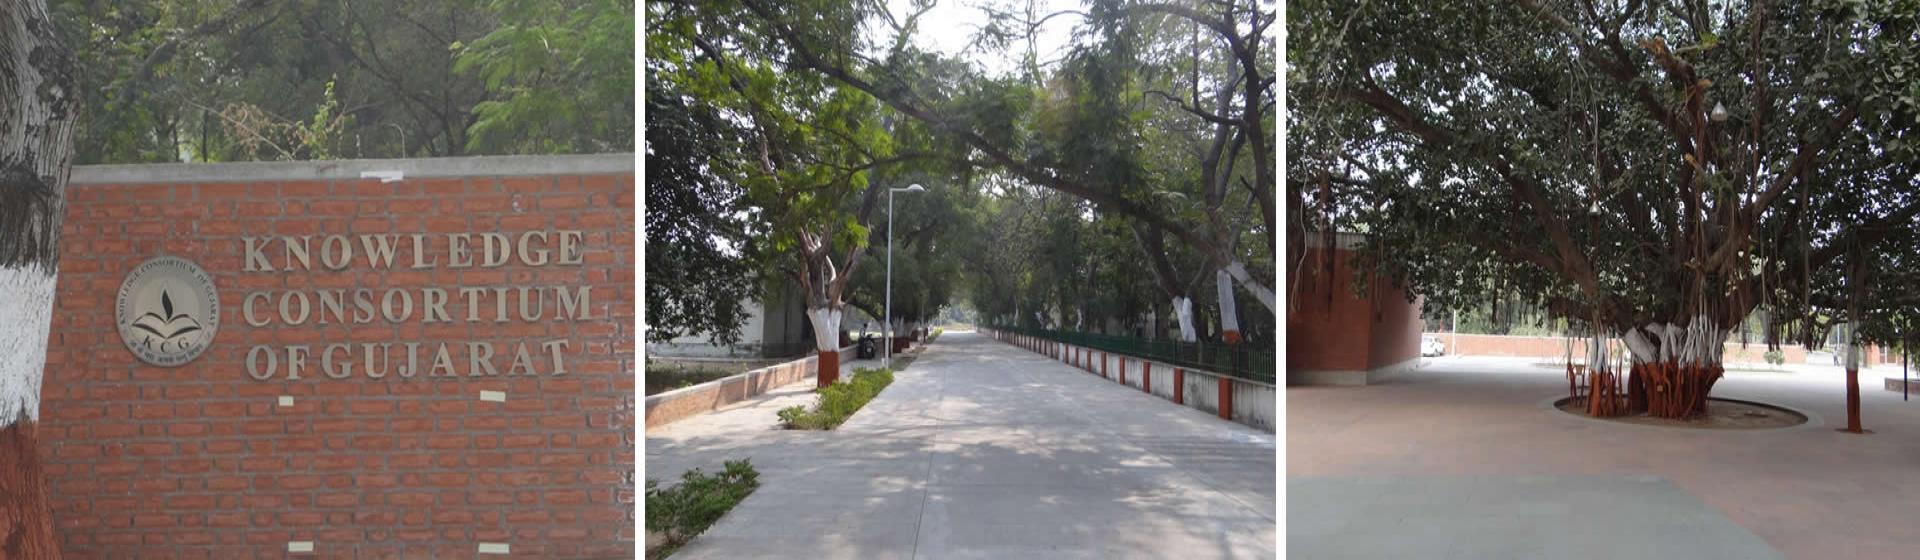 નોલેજ કોન્સોર્ટિયમ ઓફ ગુજરાત - કોલેજ પ્રવેશદ્વાર ફોટો